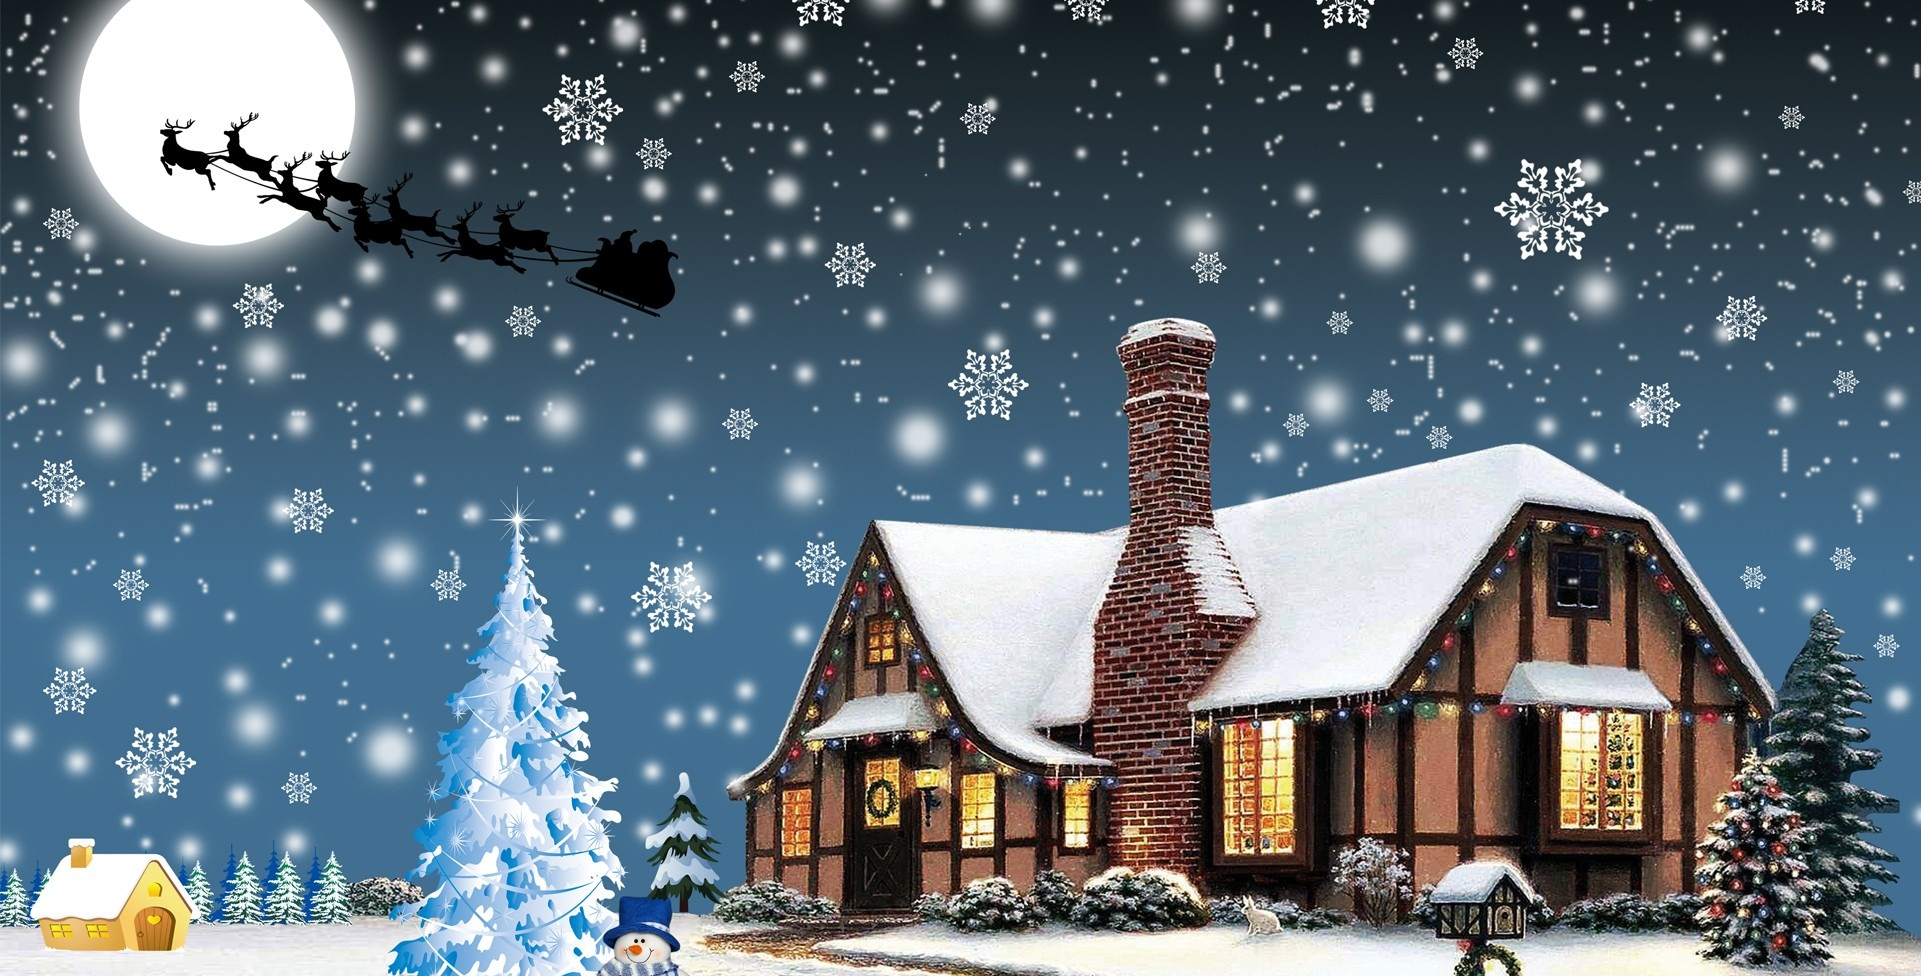 Chính Phủ Canada Chào Mừng Lễ Giáng Sinh